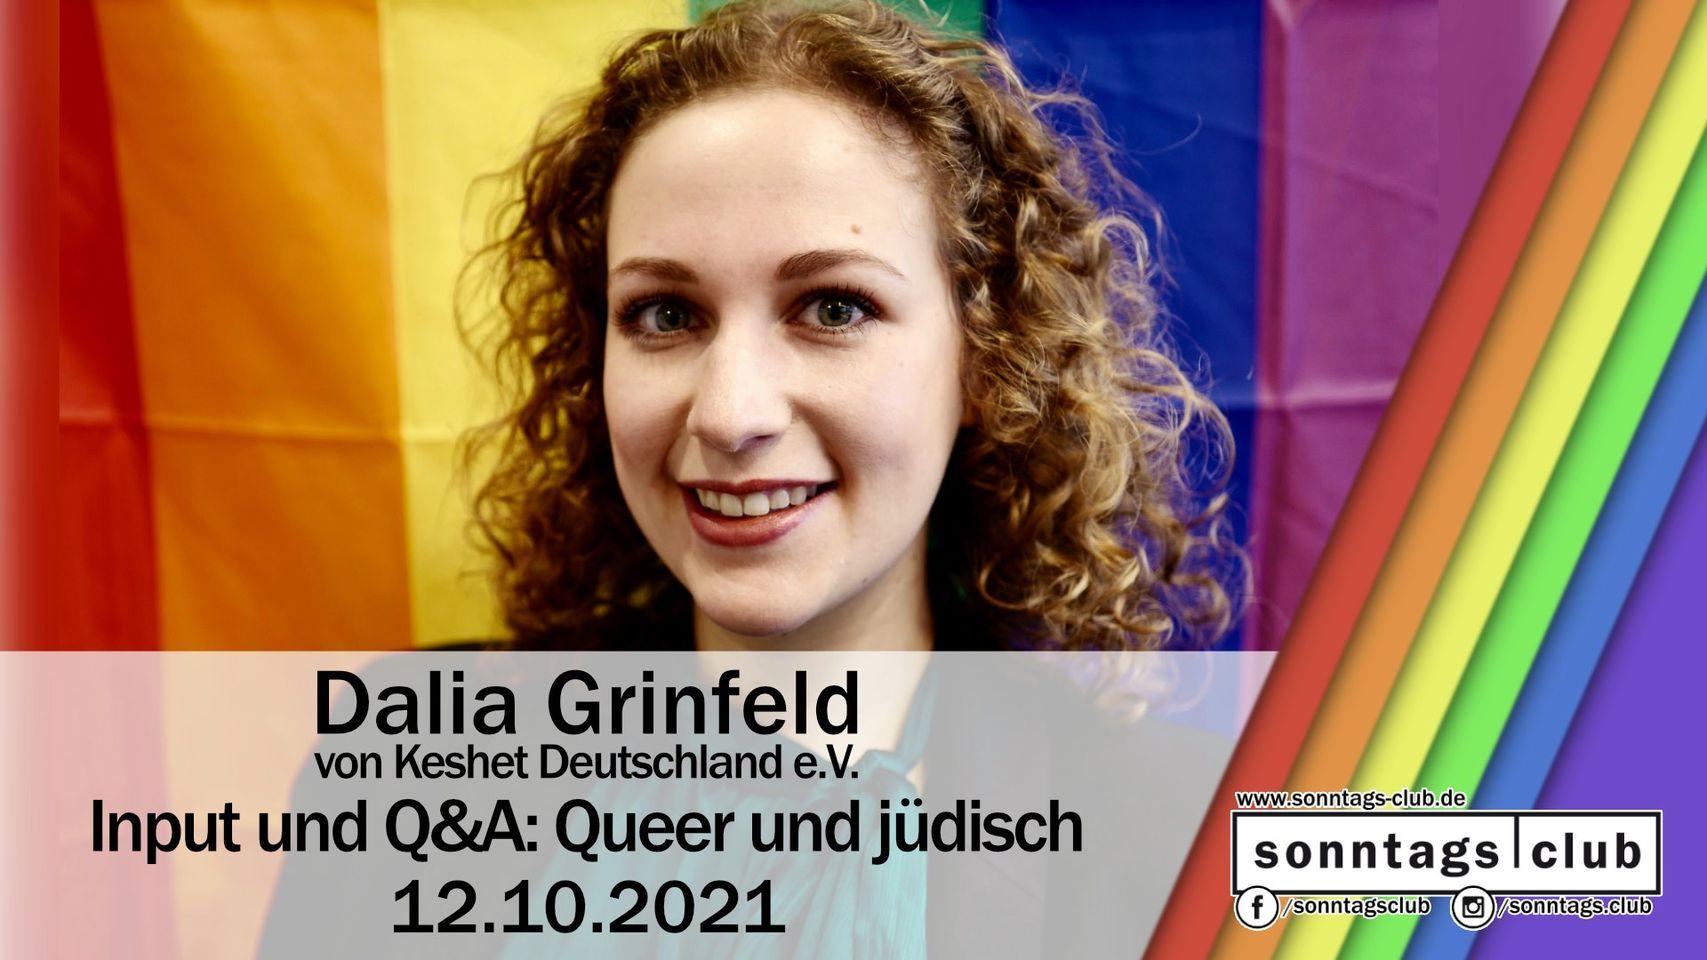 Input und Q&A: Queer und jüdisch mit Dalia Grinfeld von Keshet Deutschland e.V.